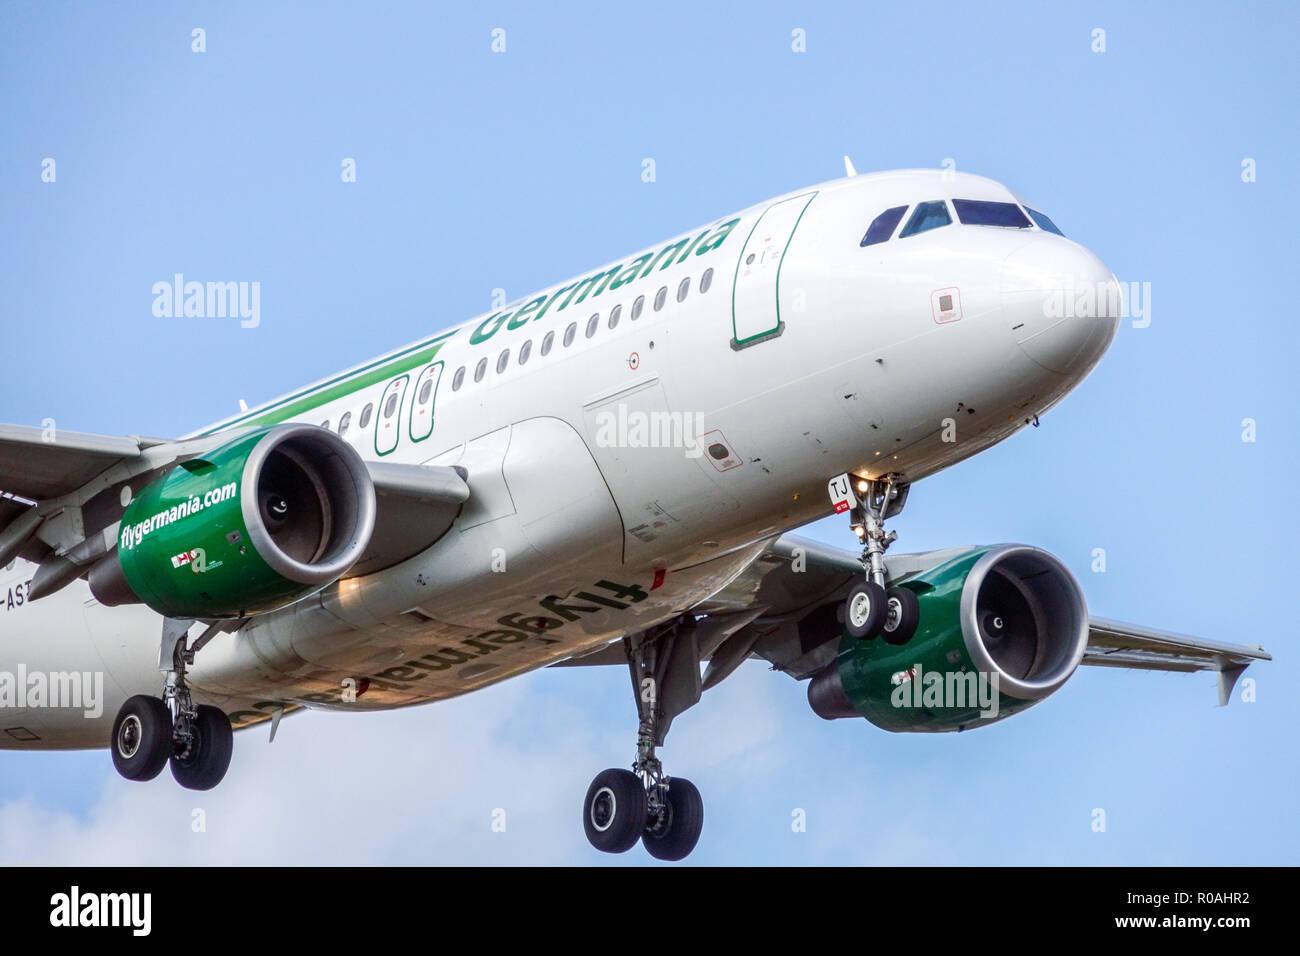 Piano Airbus A319 Germania Airlines in atterraggio Immagini Stock